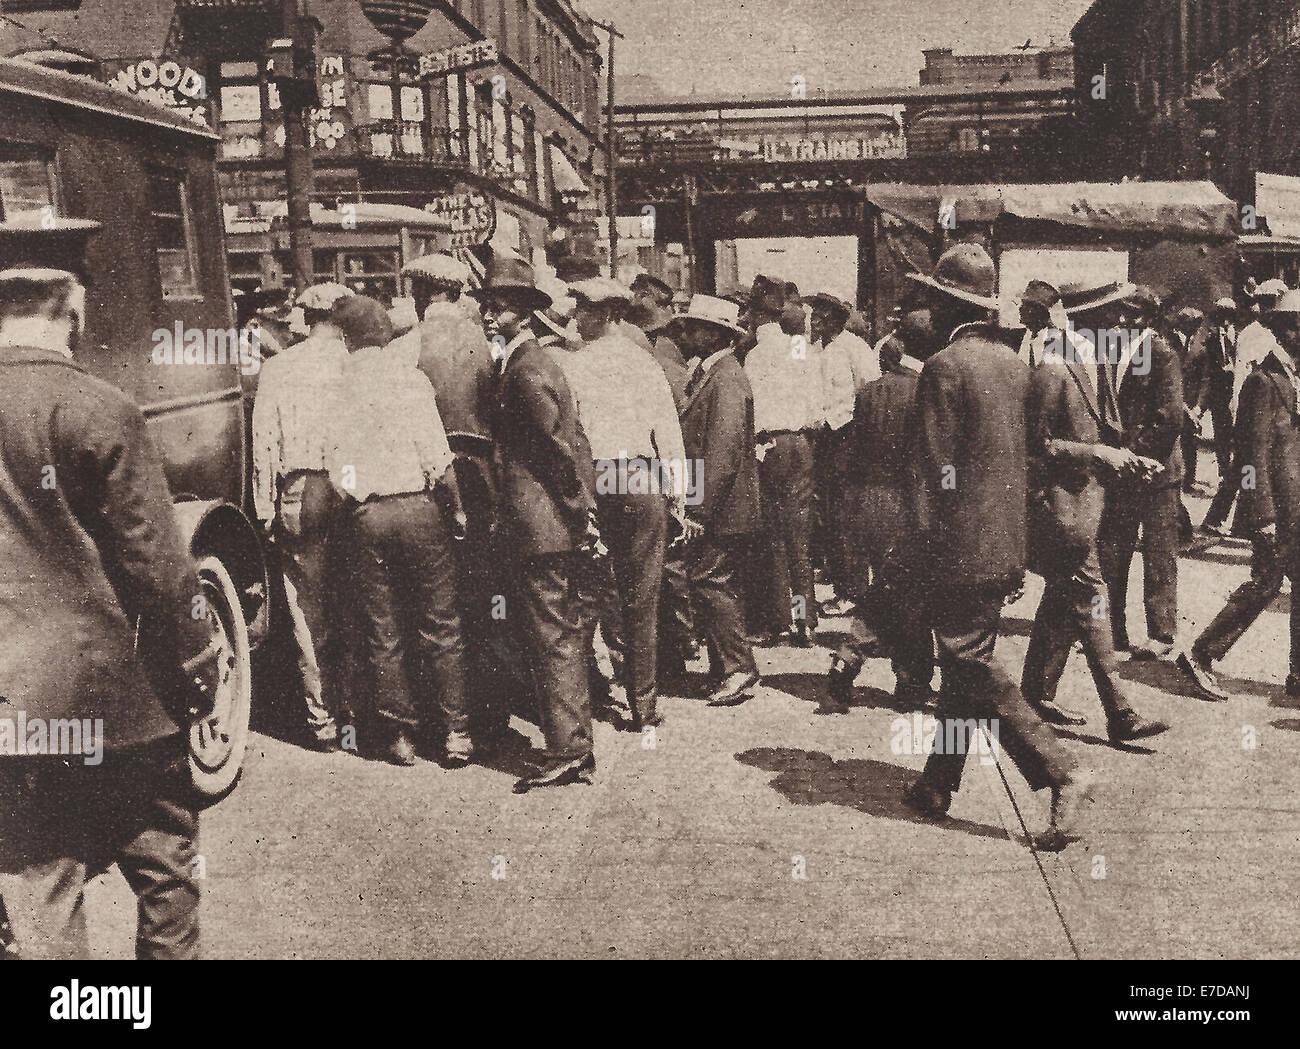 Einige randalierende Afro-Amerikaner wegnehmen in den Patrol Wagen - Chicago Rassenunruhen von 1919 Stockbild